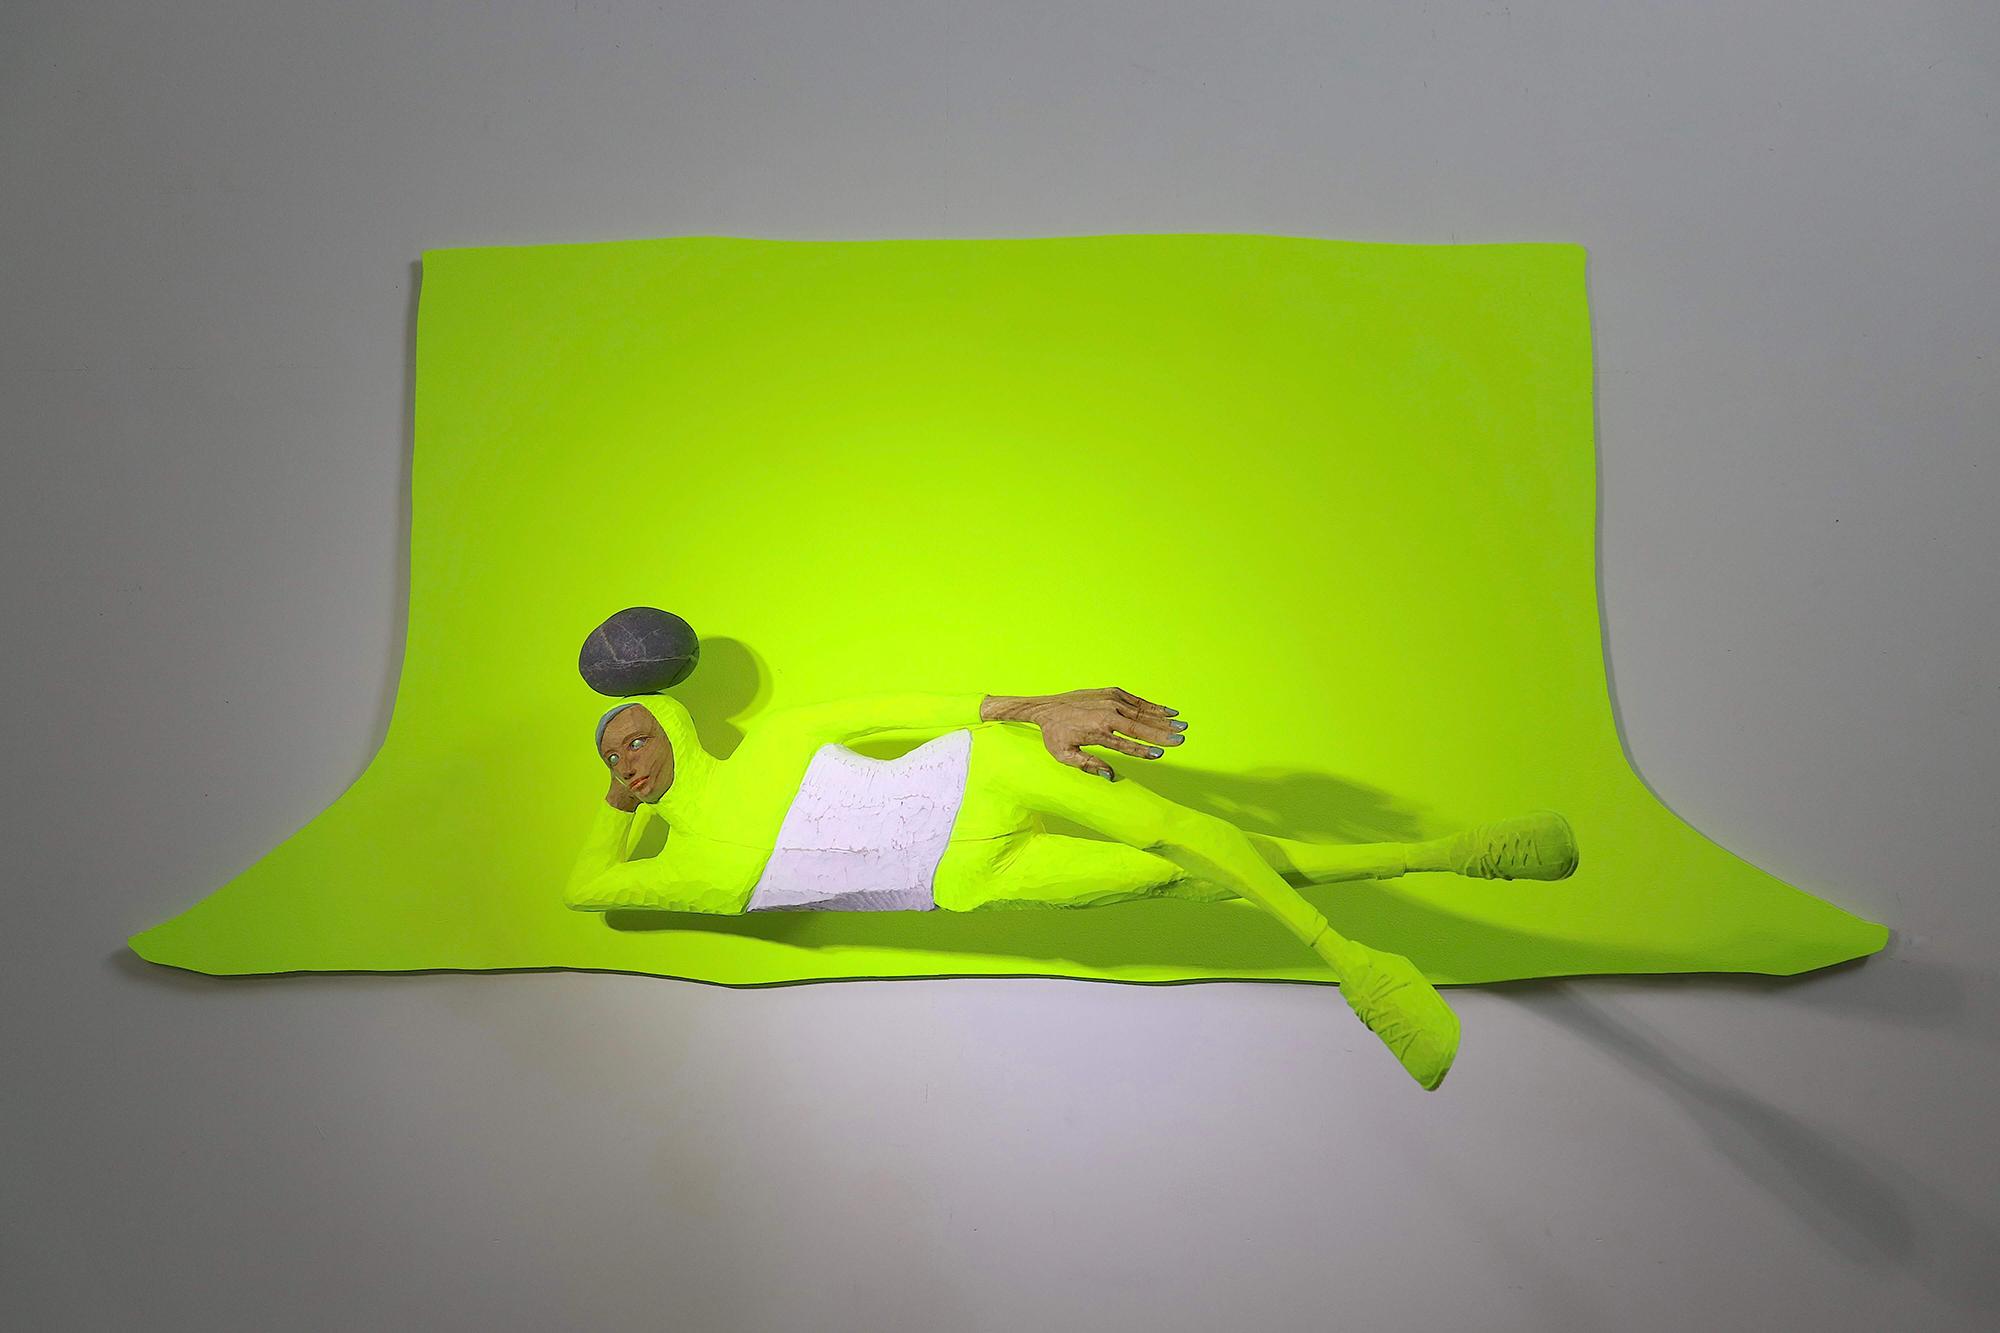 雲清藝術(Elsa Gallery)阿部乳坊《色彩嵌空:涅槃Chroma Key Sculpture: Nirvana》